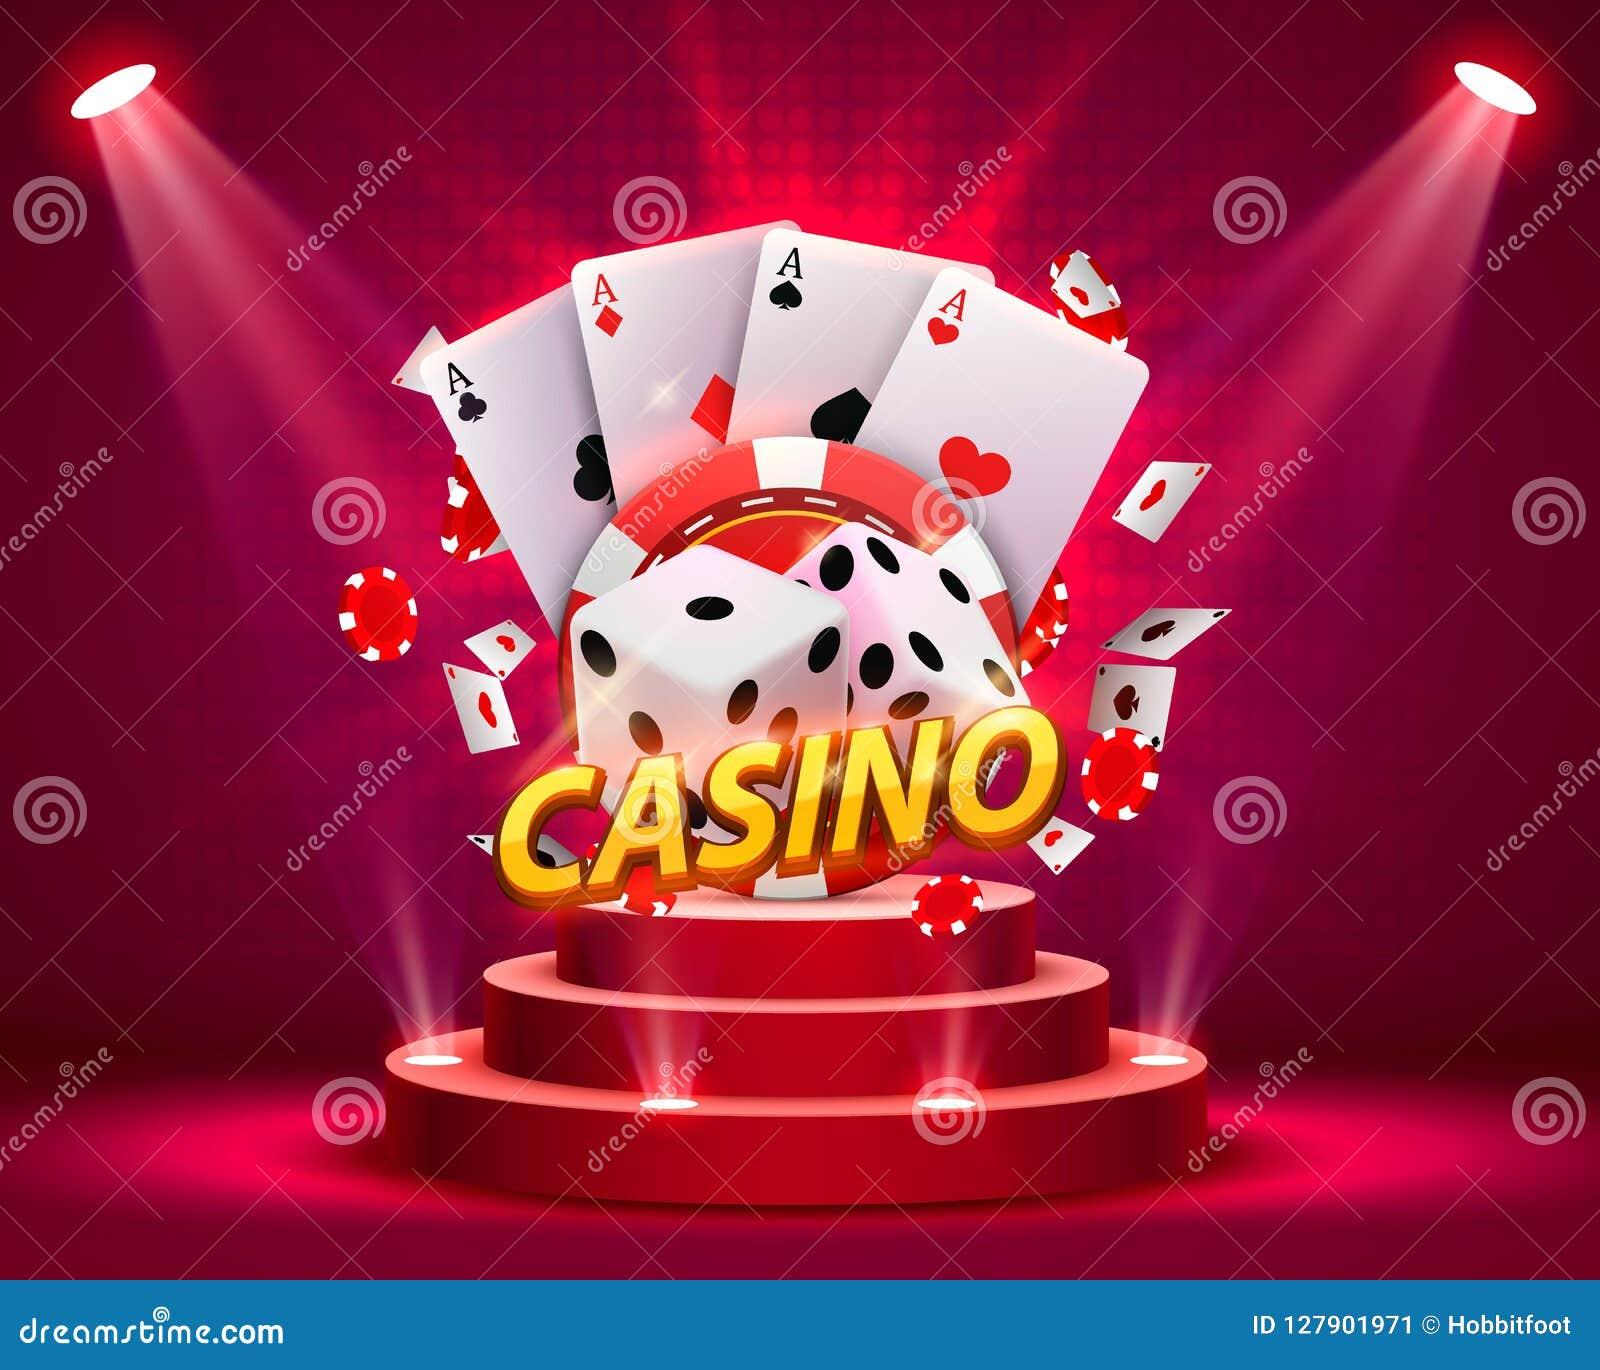 beste online casino trackid sp 006